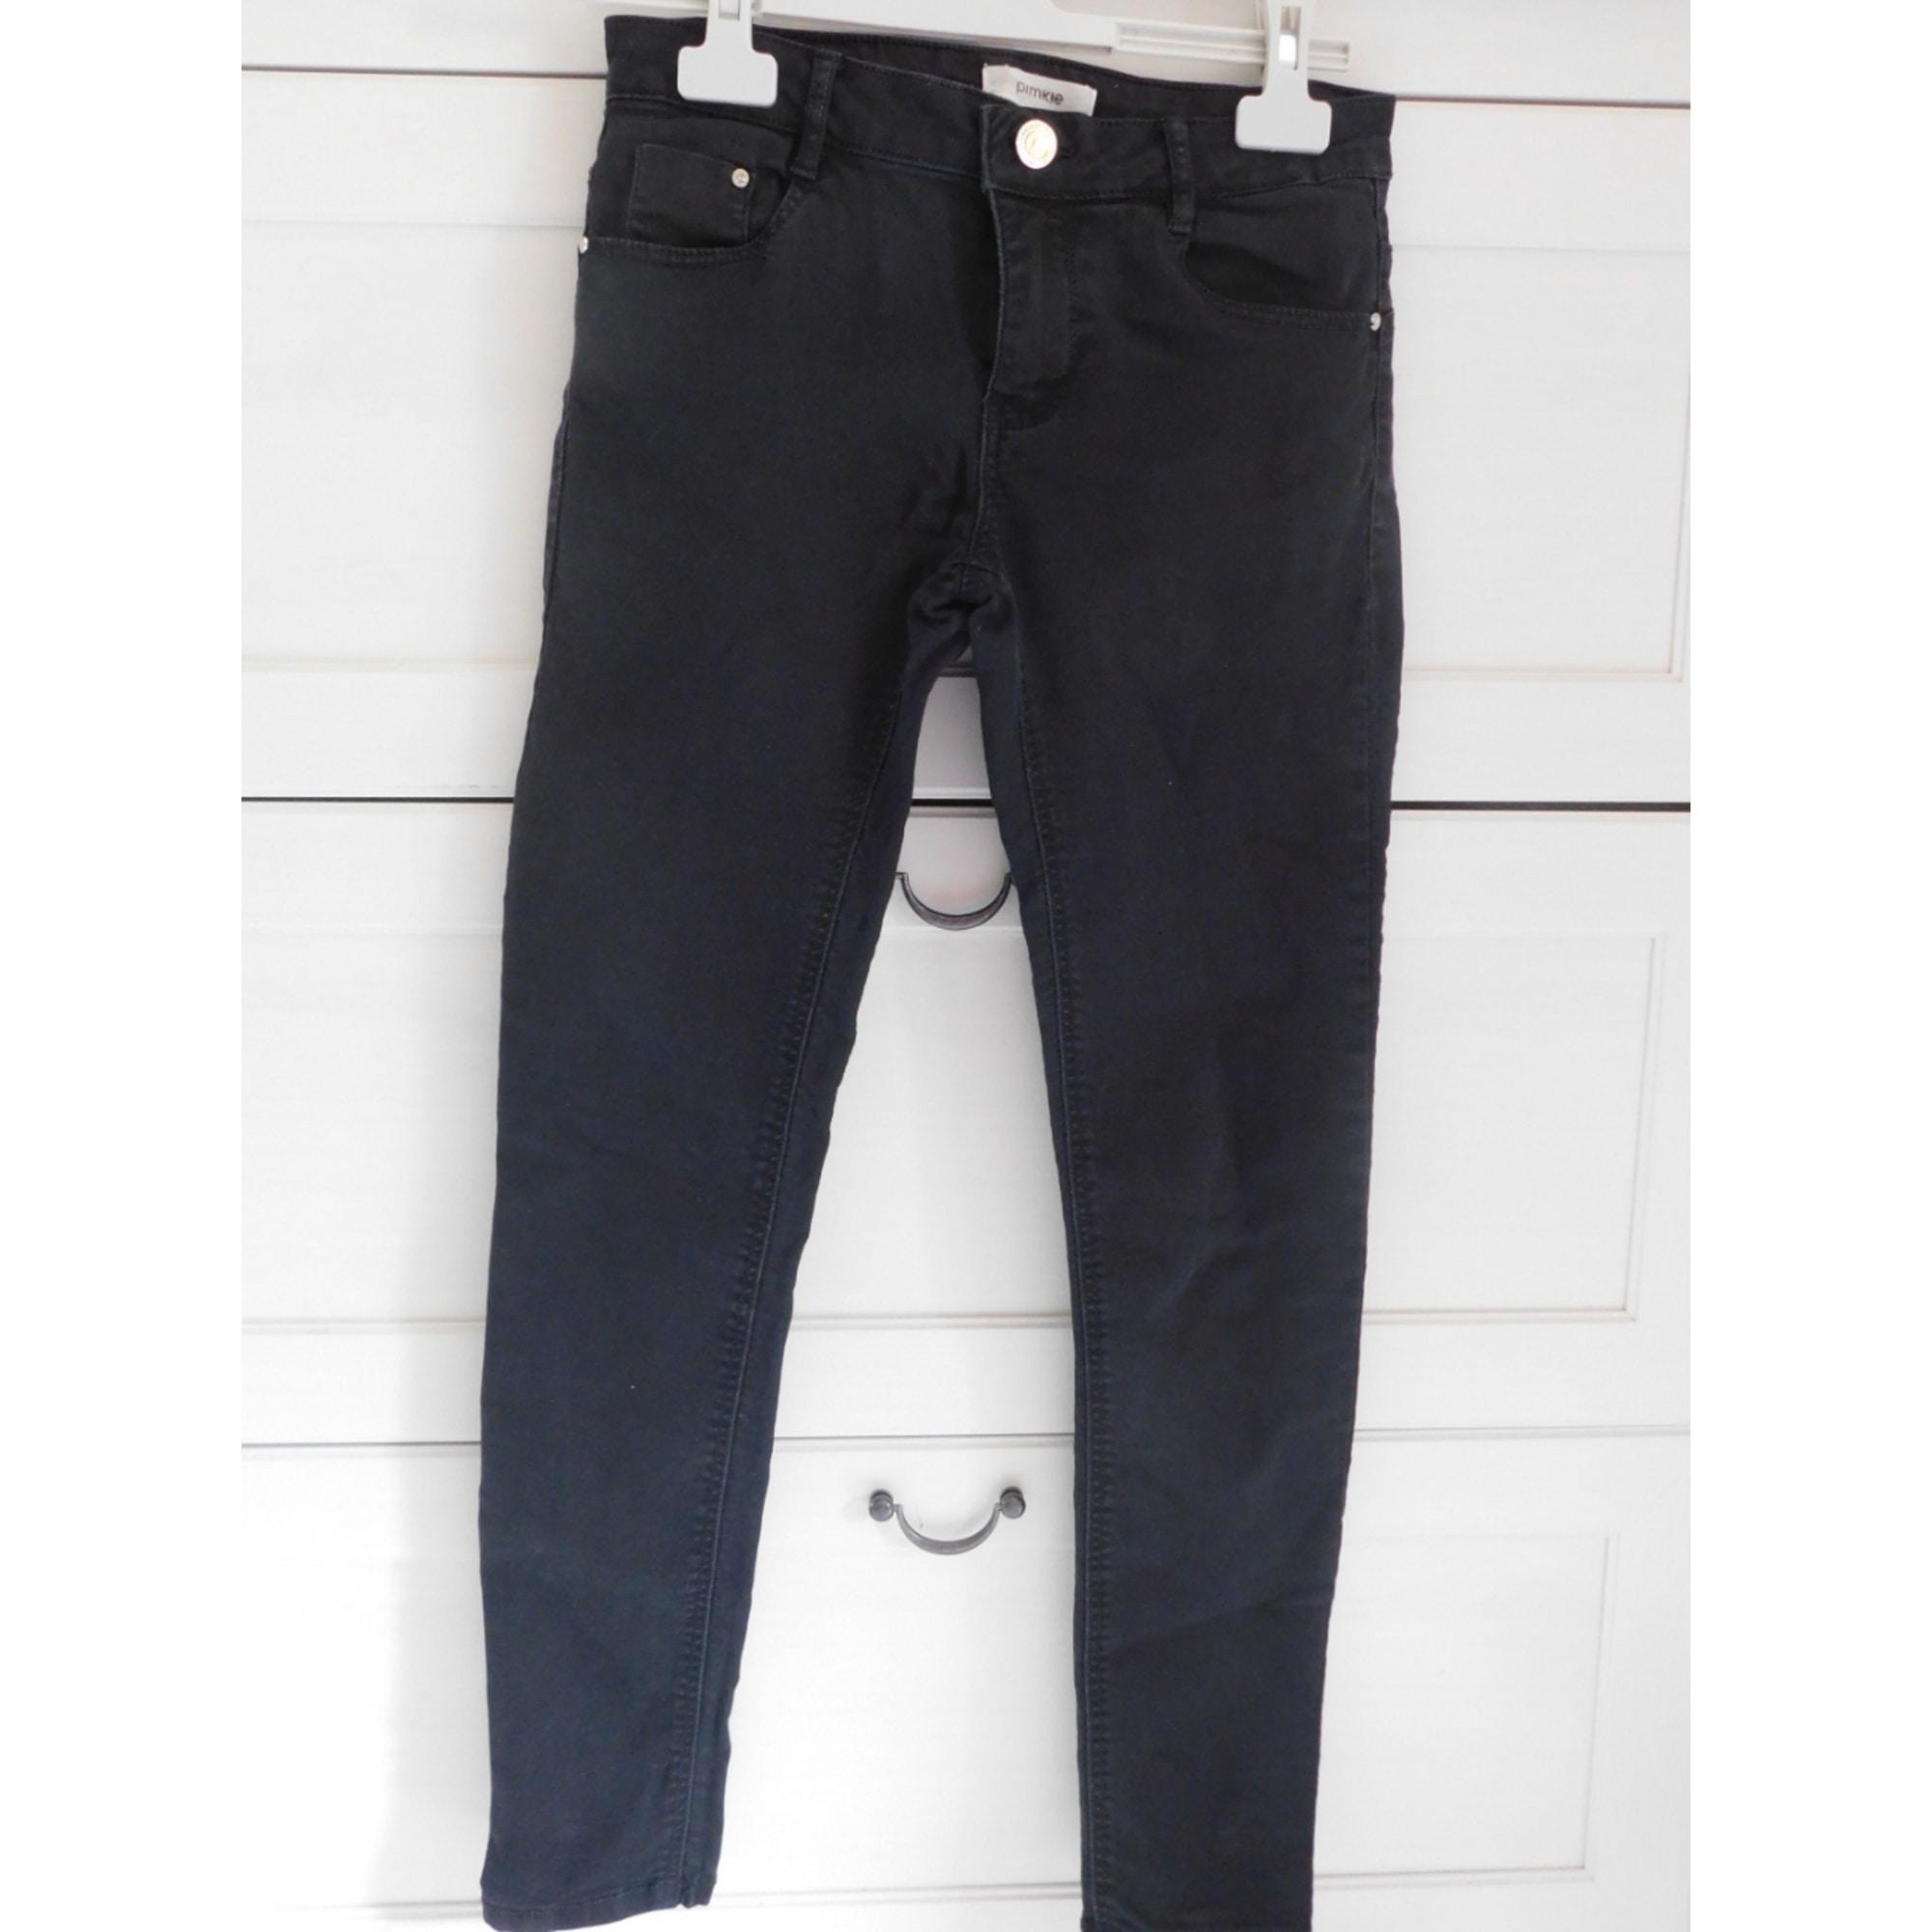 b2421c9ab0f5 Jeans slim PIMKIE W25 (T 34) noir - 7738825